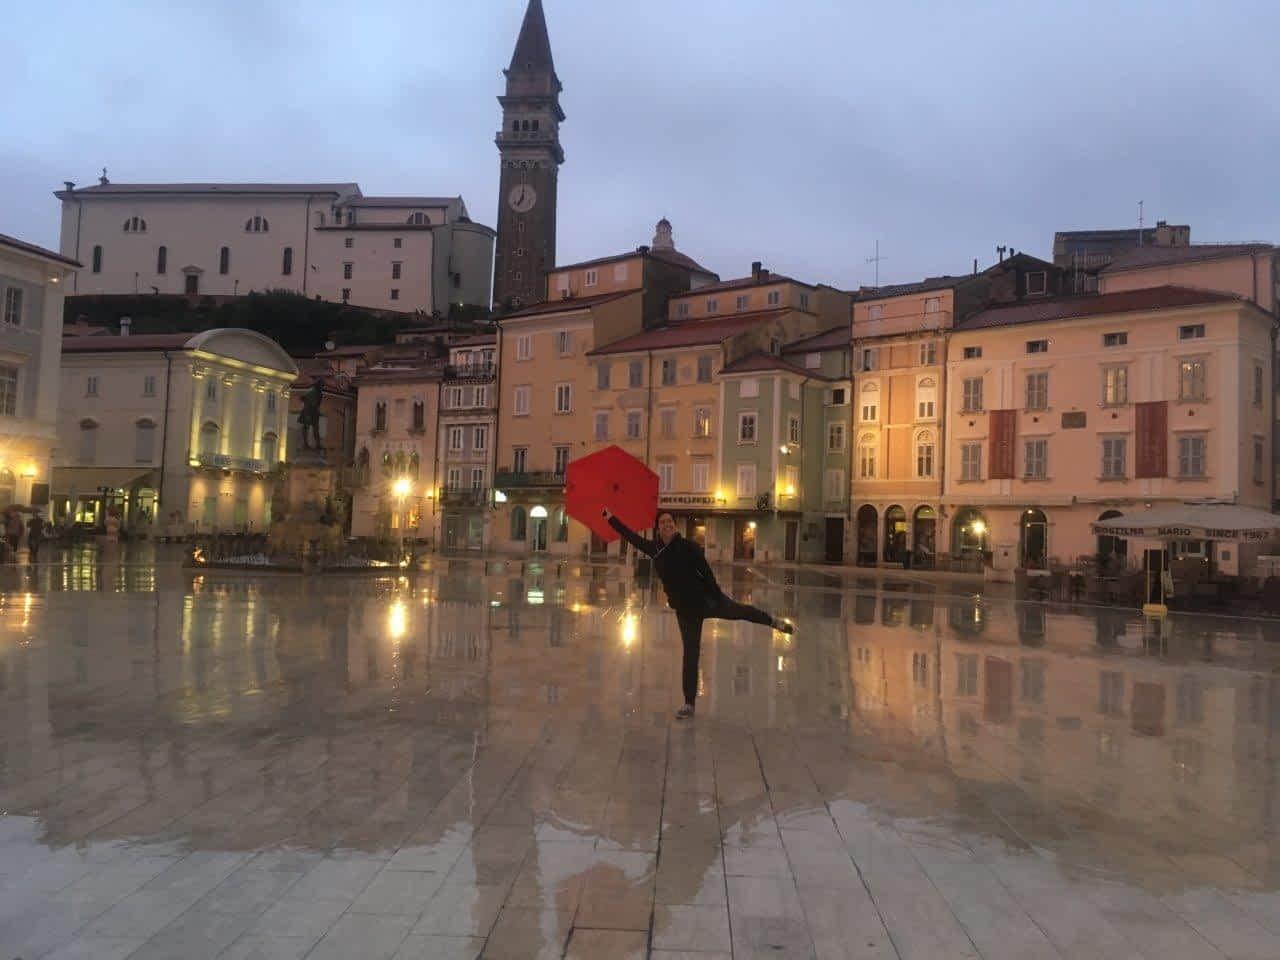 Woman with umbrella in Tartini Plaza, Piran, Slovenia